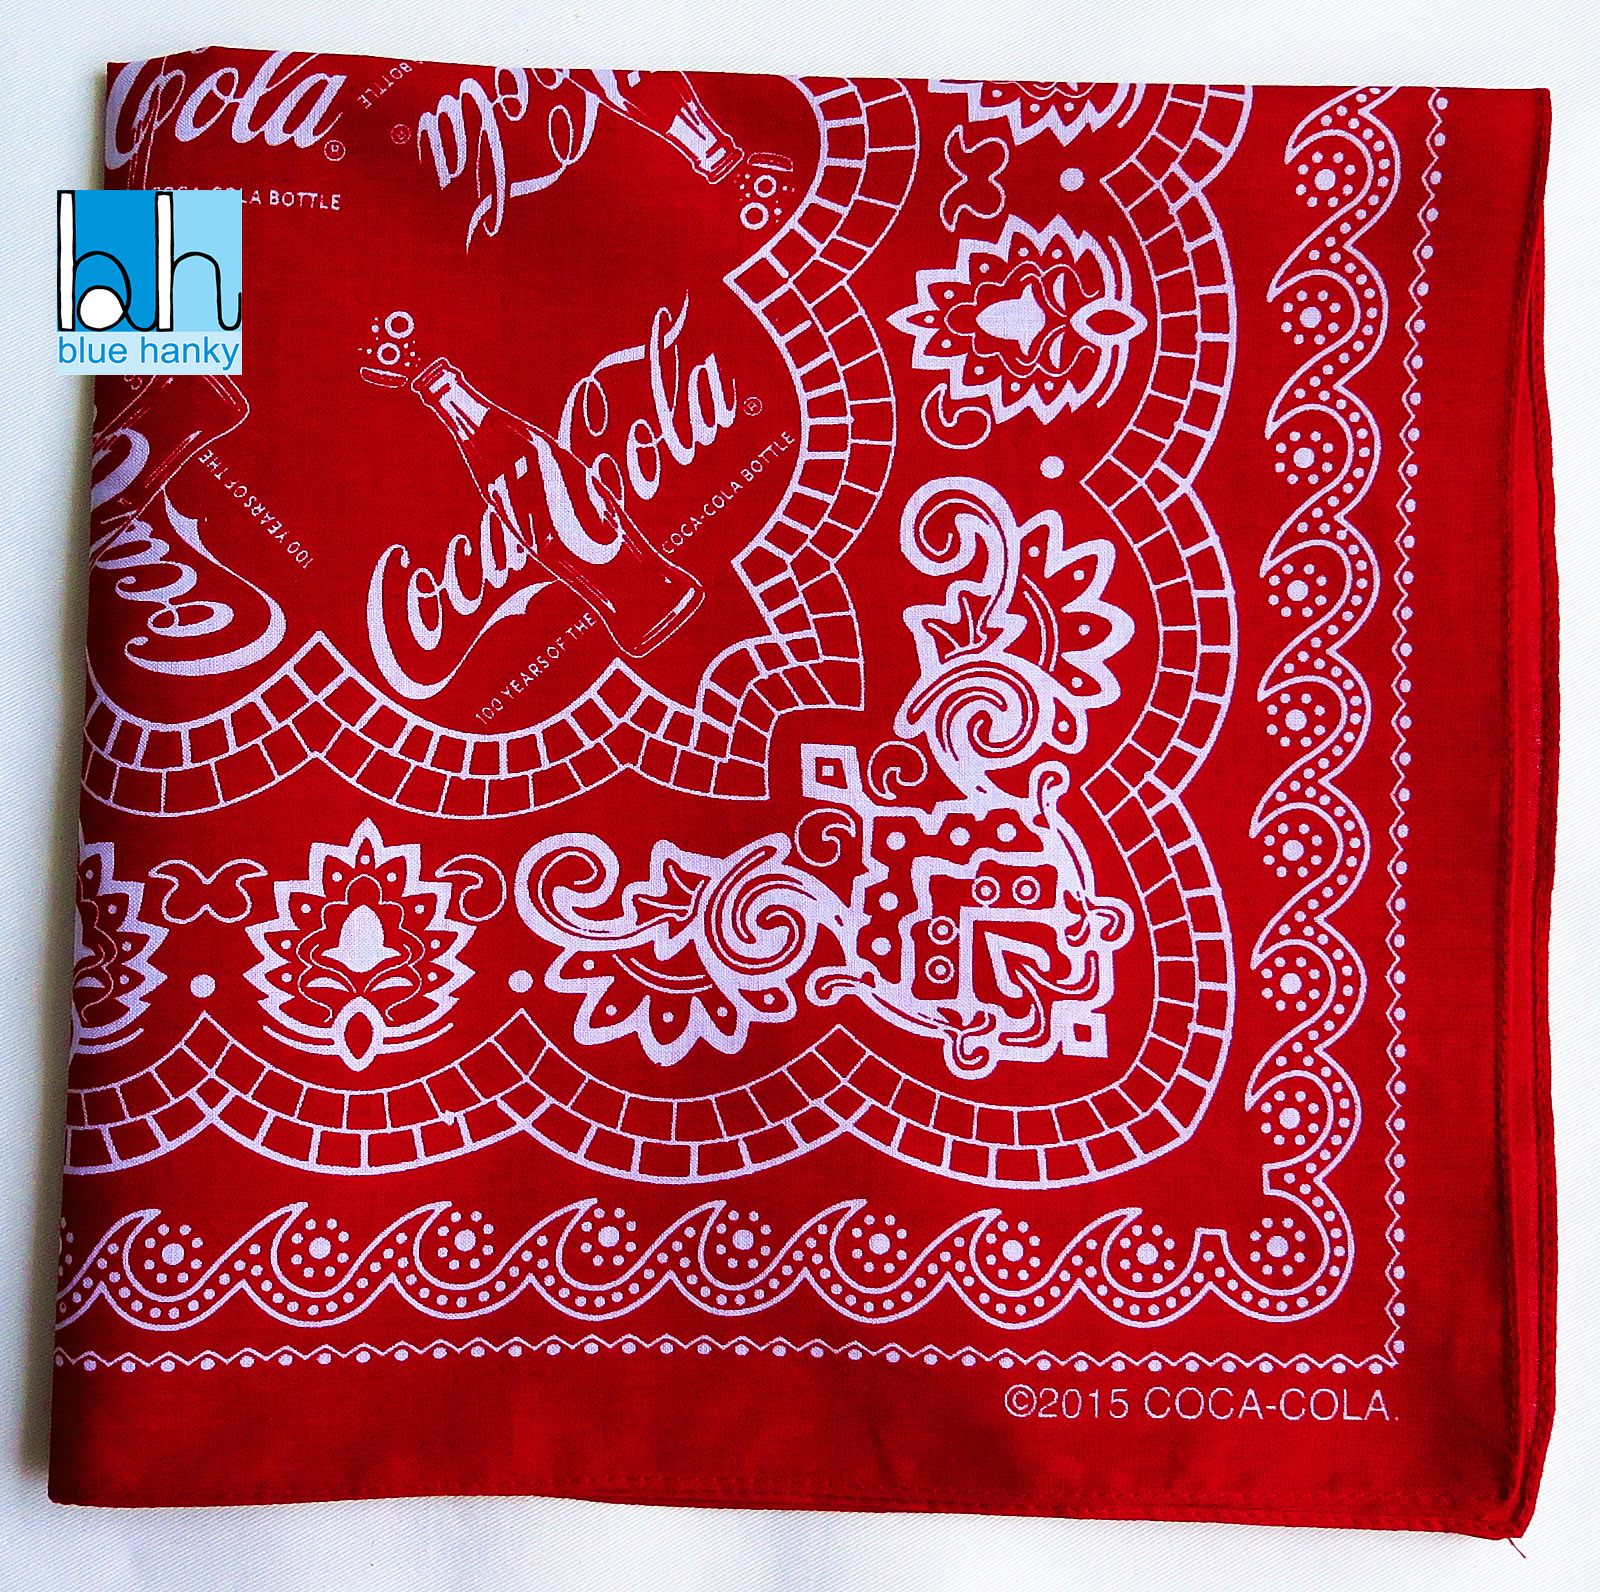 """#300 22"""" Coca Cola ผ้าเช็ดหน้ามือ2 สภาพดี ผ้าเช็ดหน้าผืนใหญ่"""